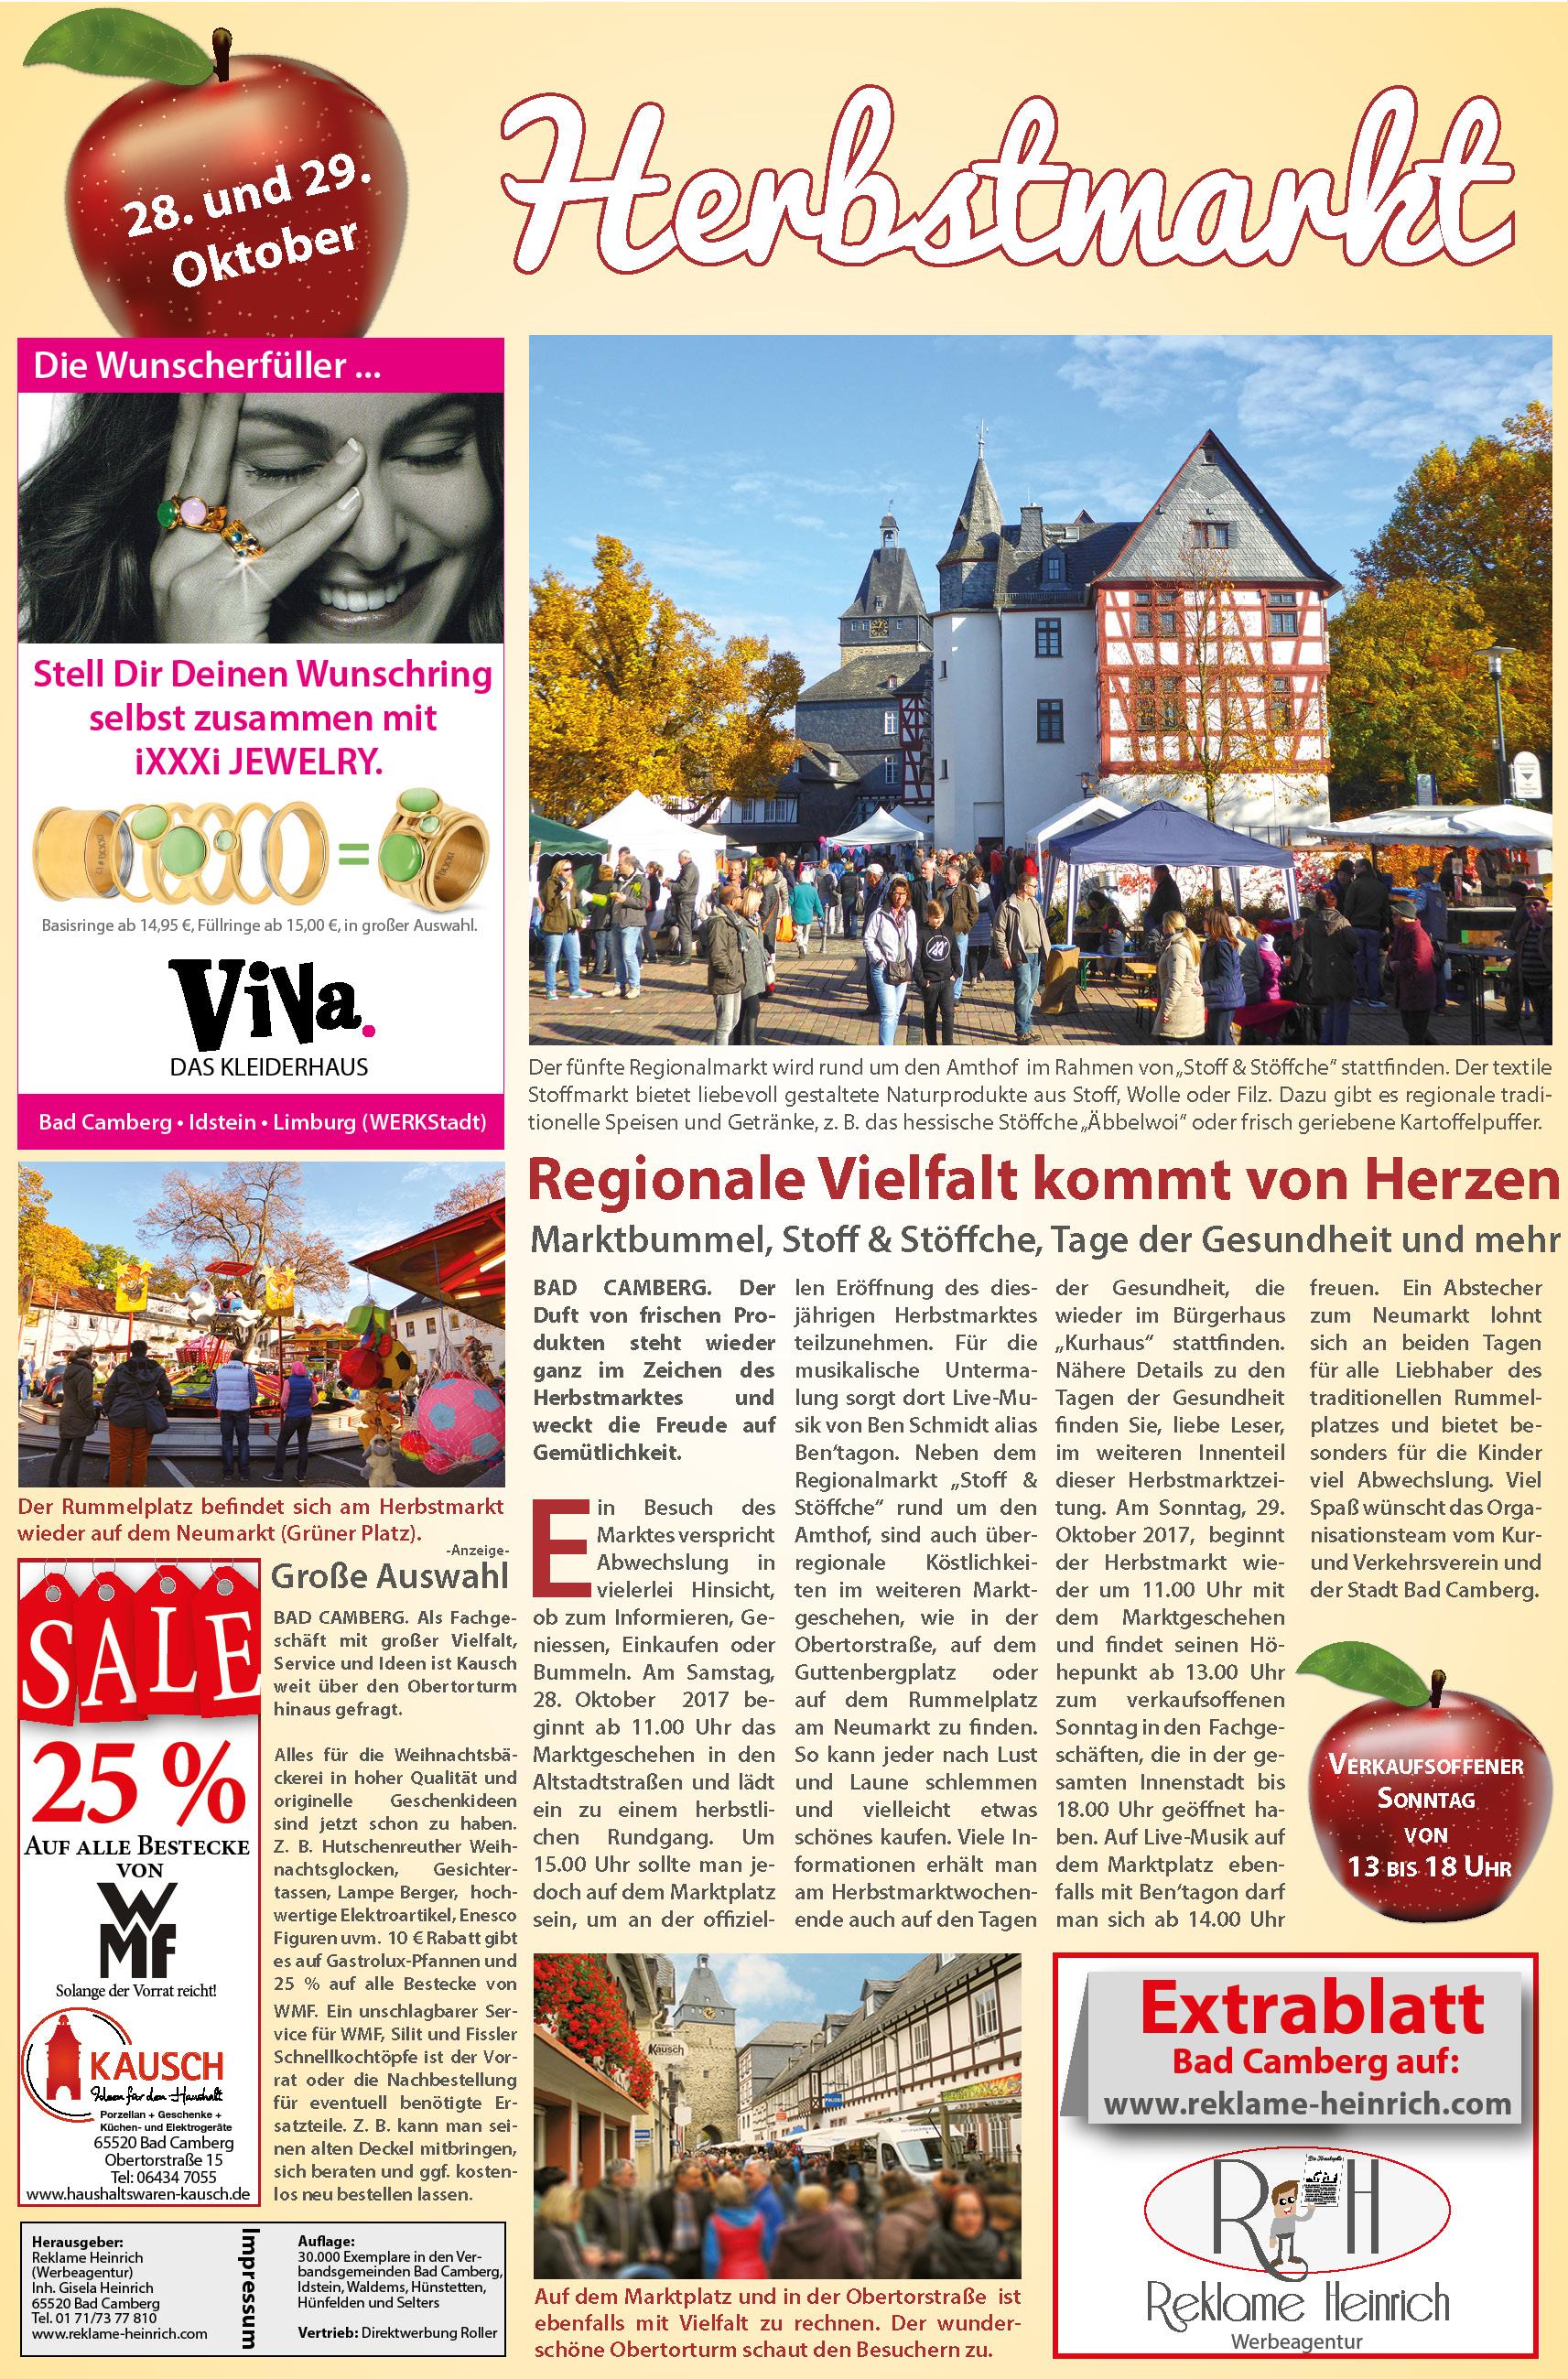 Herbstmarkt20172